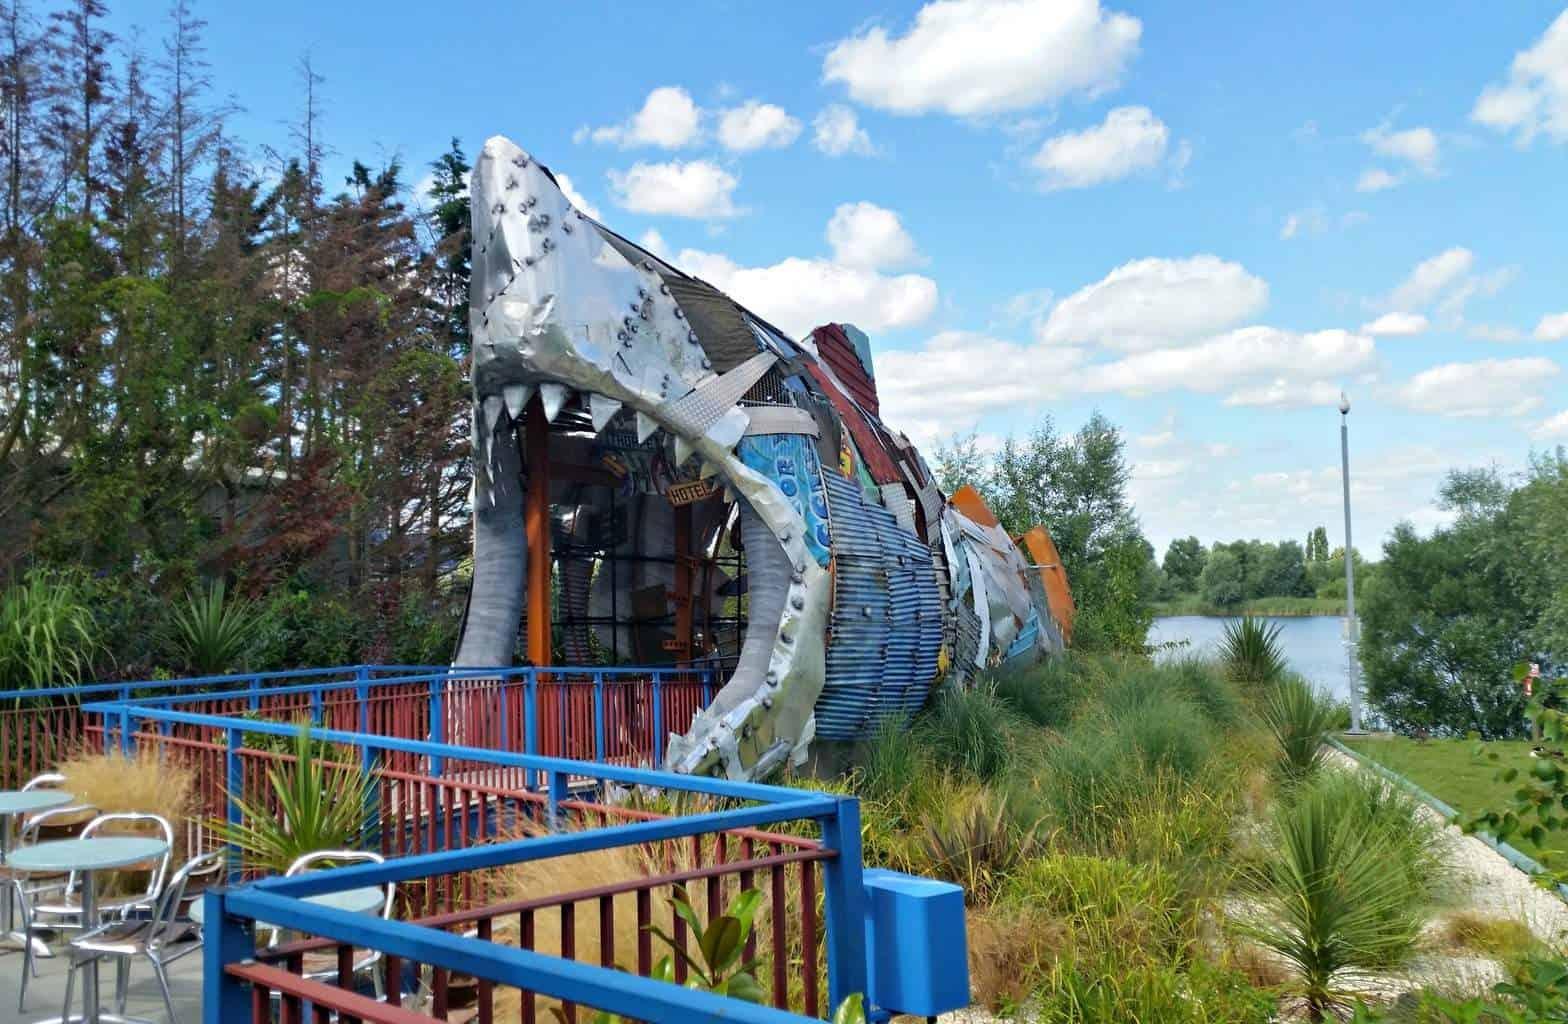 Thorpe Park - Shark Hotel